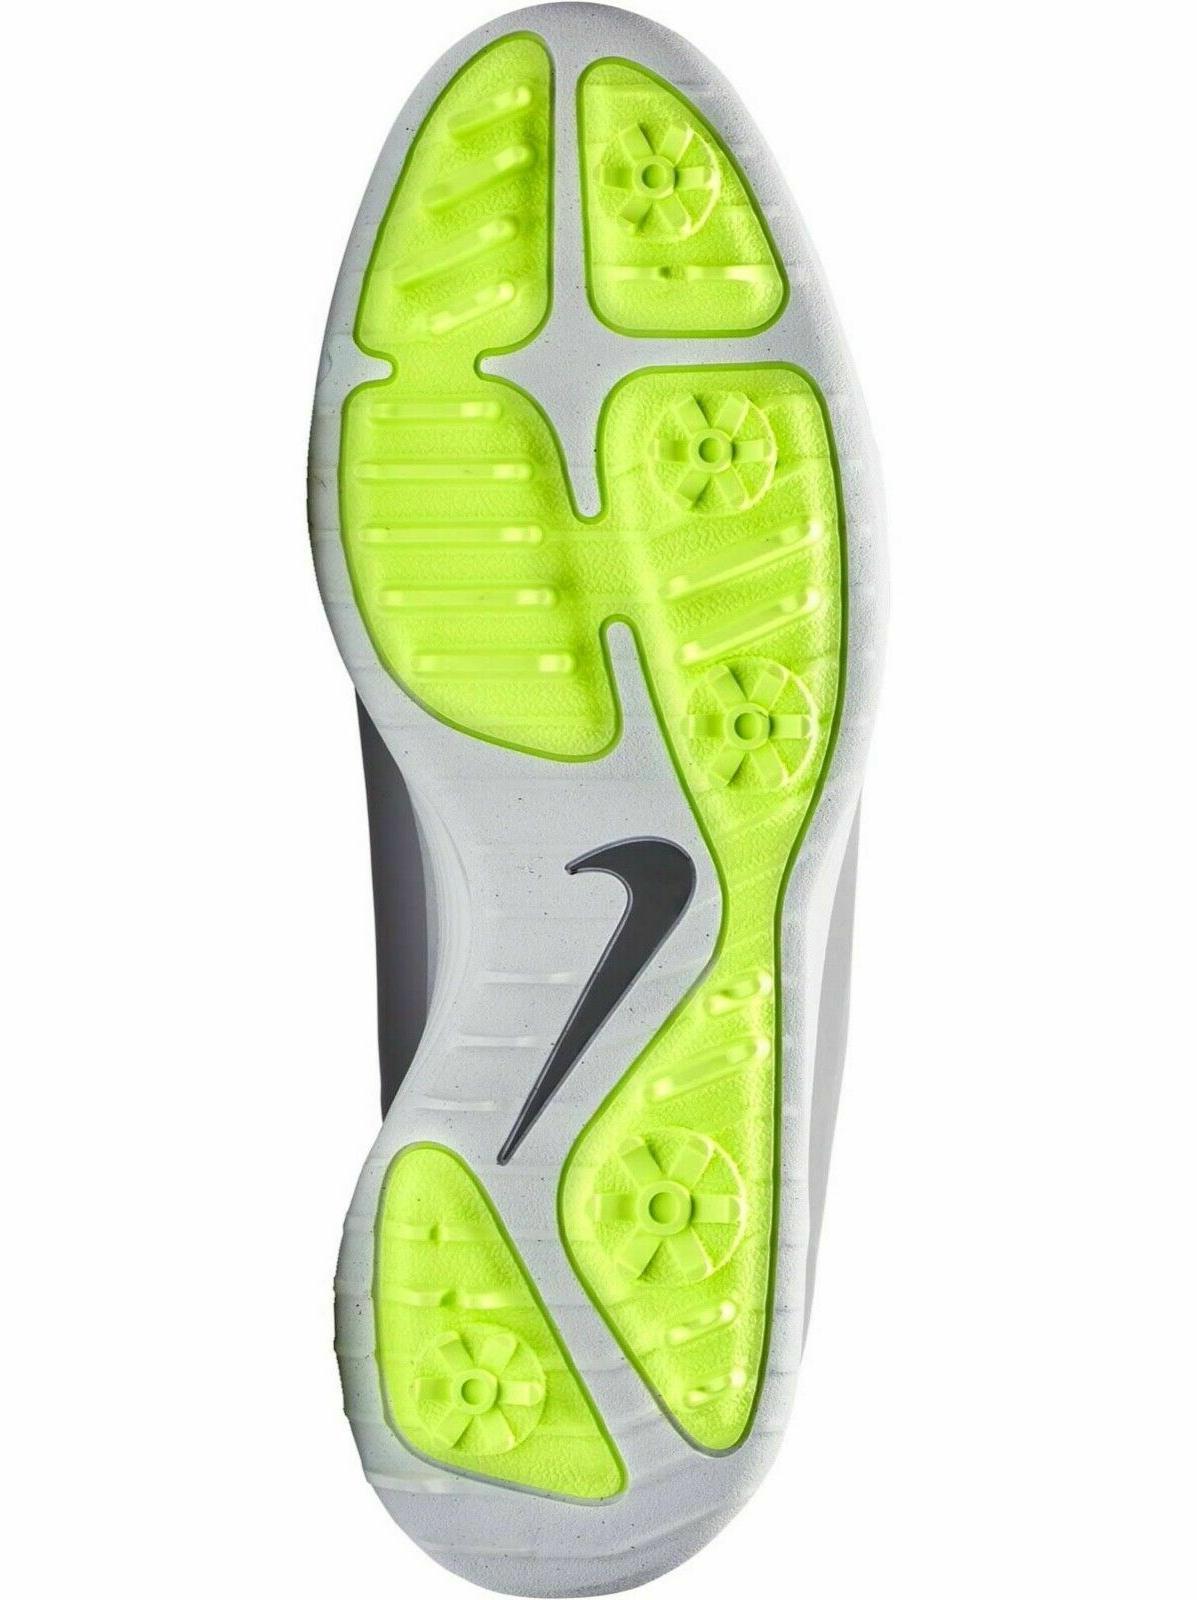 Nike Golf Shoes Medium Grey AQ2302-101